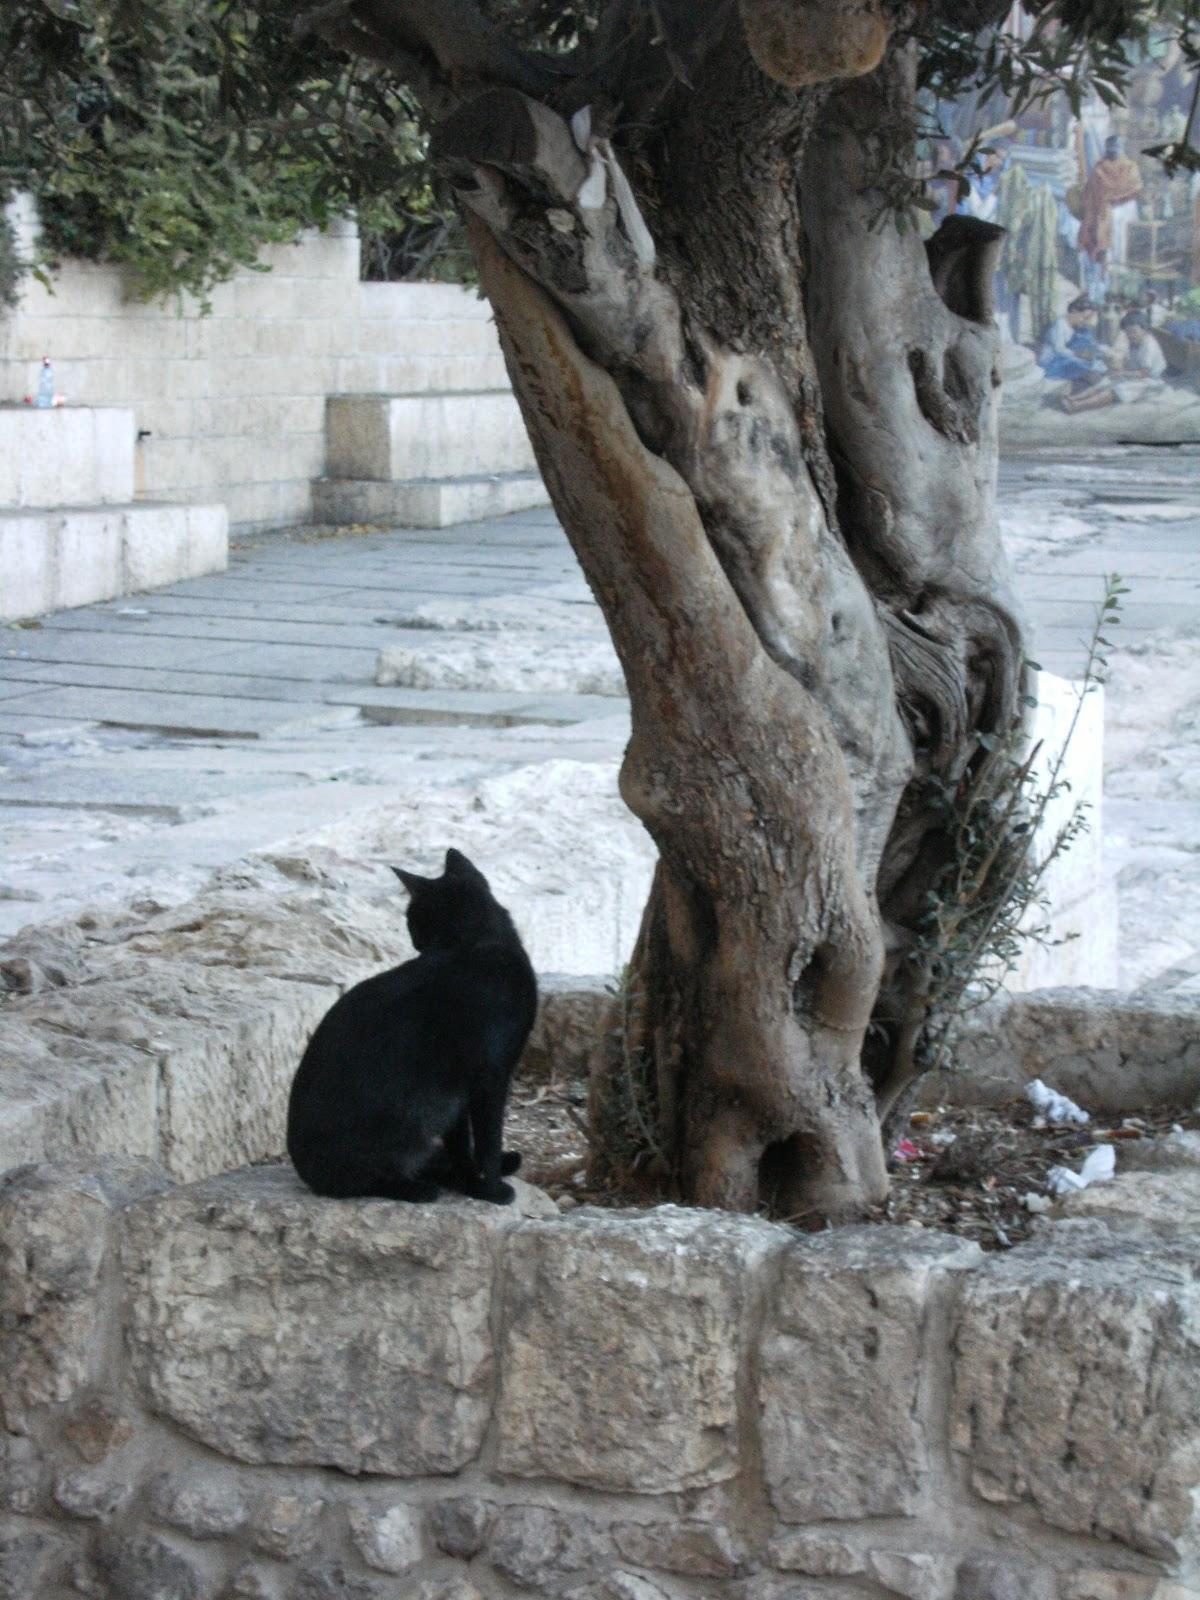 экскурсовод в Израиле, в Иерусалиме,  гид по Иерусалиму, по Израилю, фрилансер, авторская экскурсия по Иерусалиму,